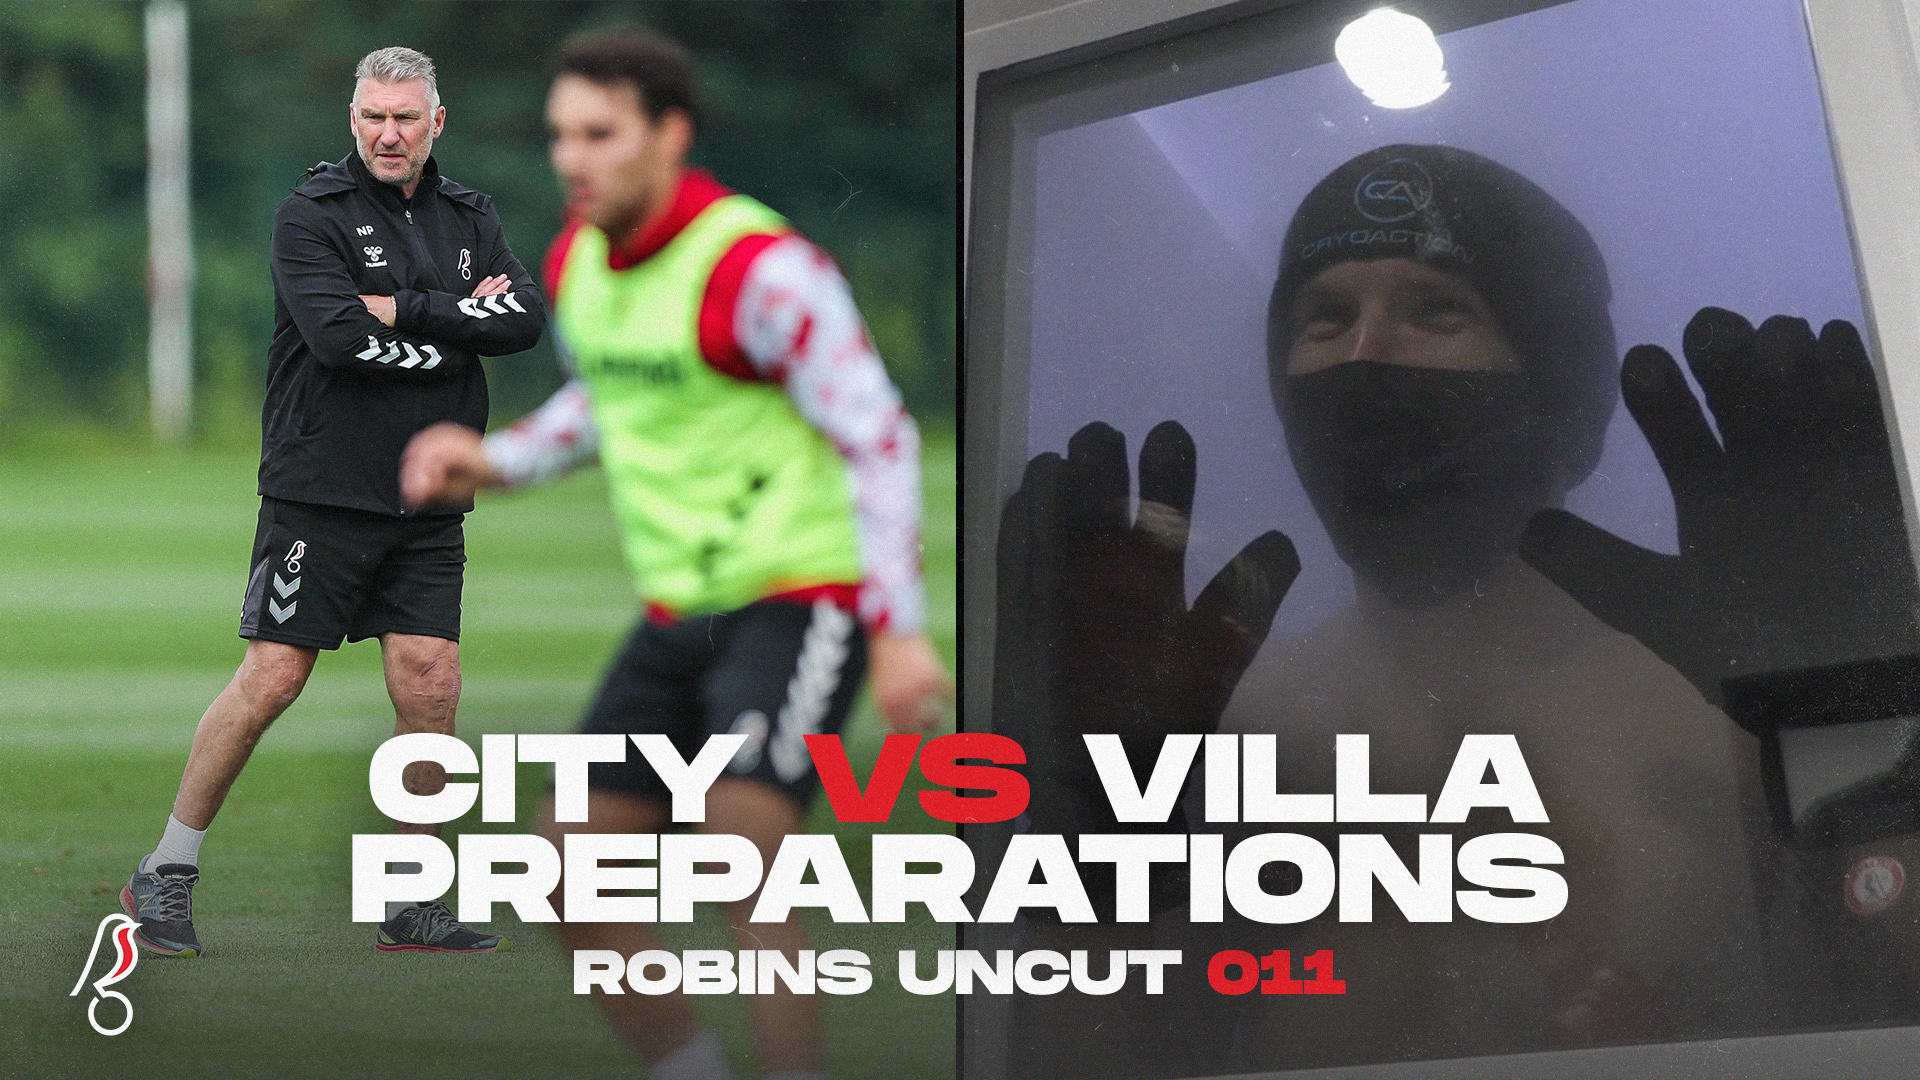 City vs Villa preparations